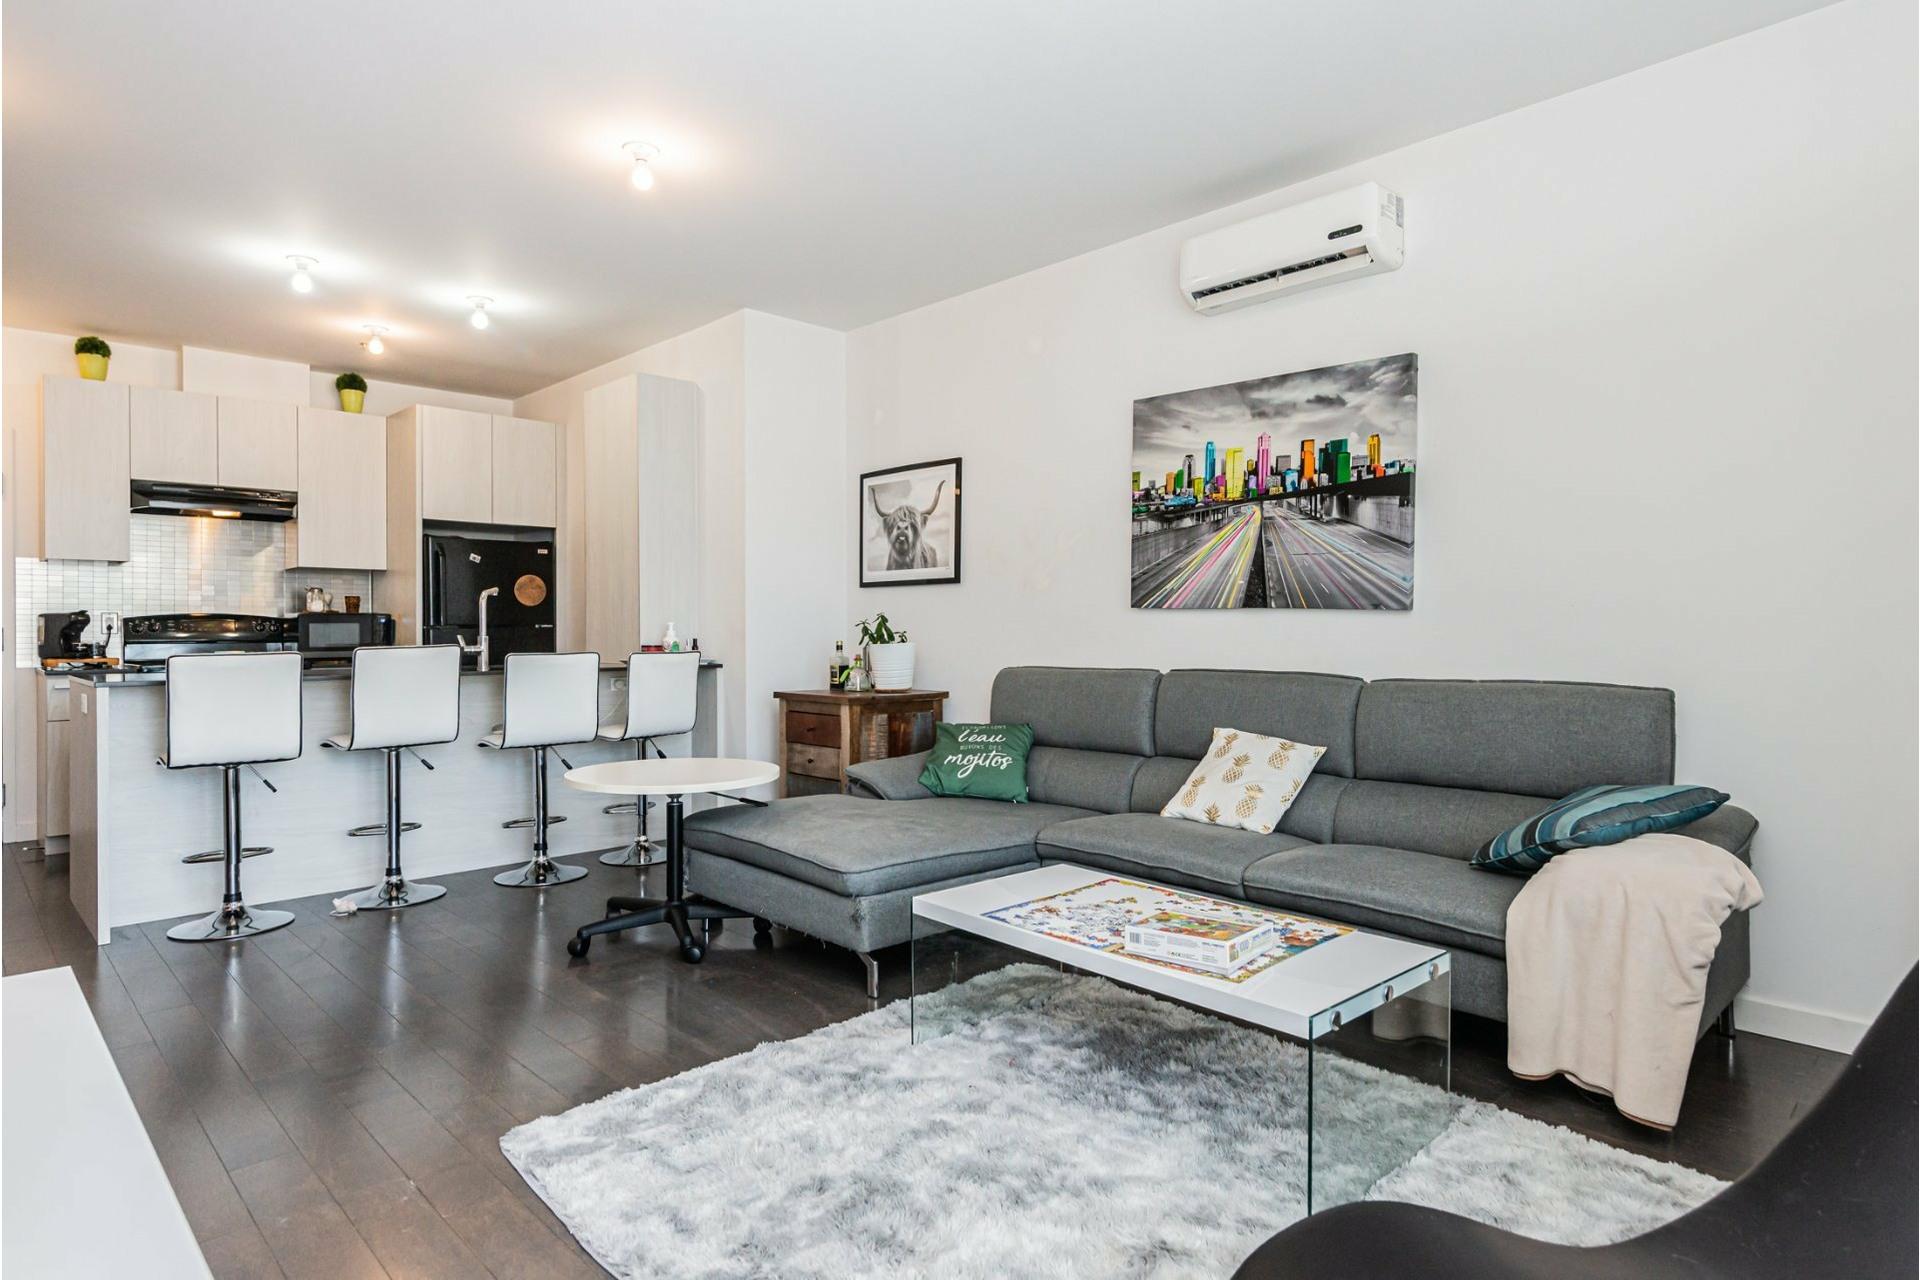 image 15 - Apartment For sale Lachine Montréal  - 4 rooms